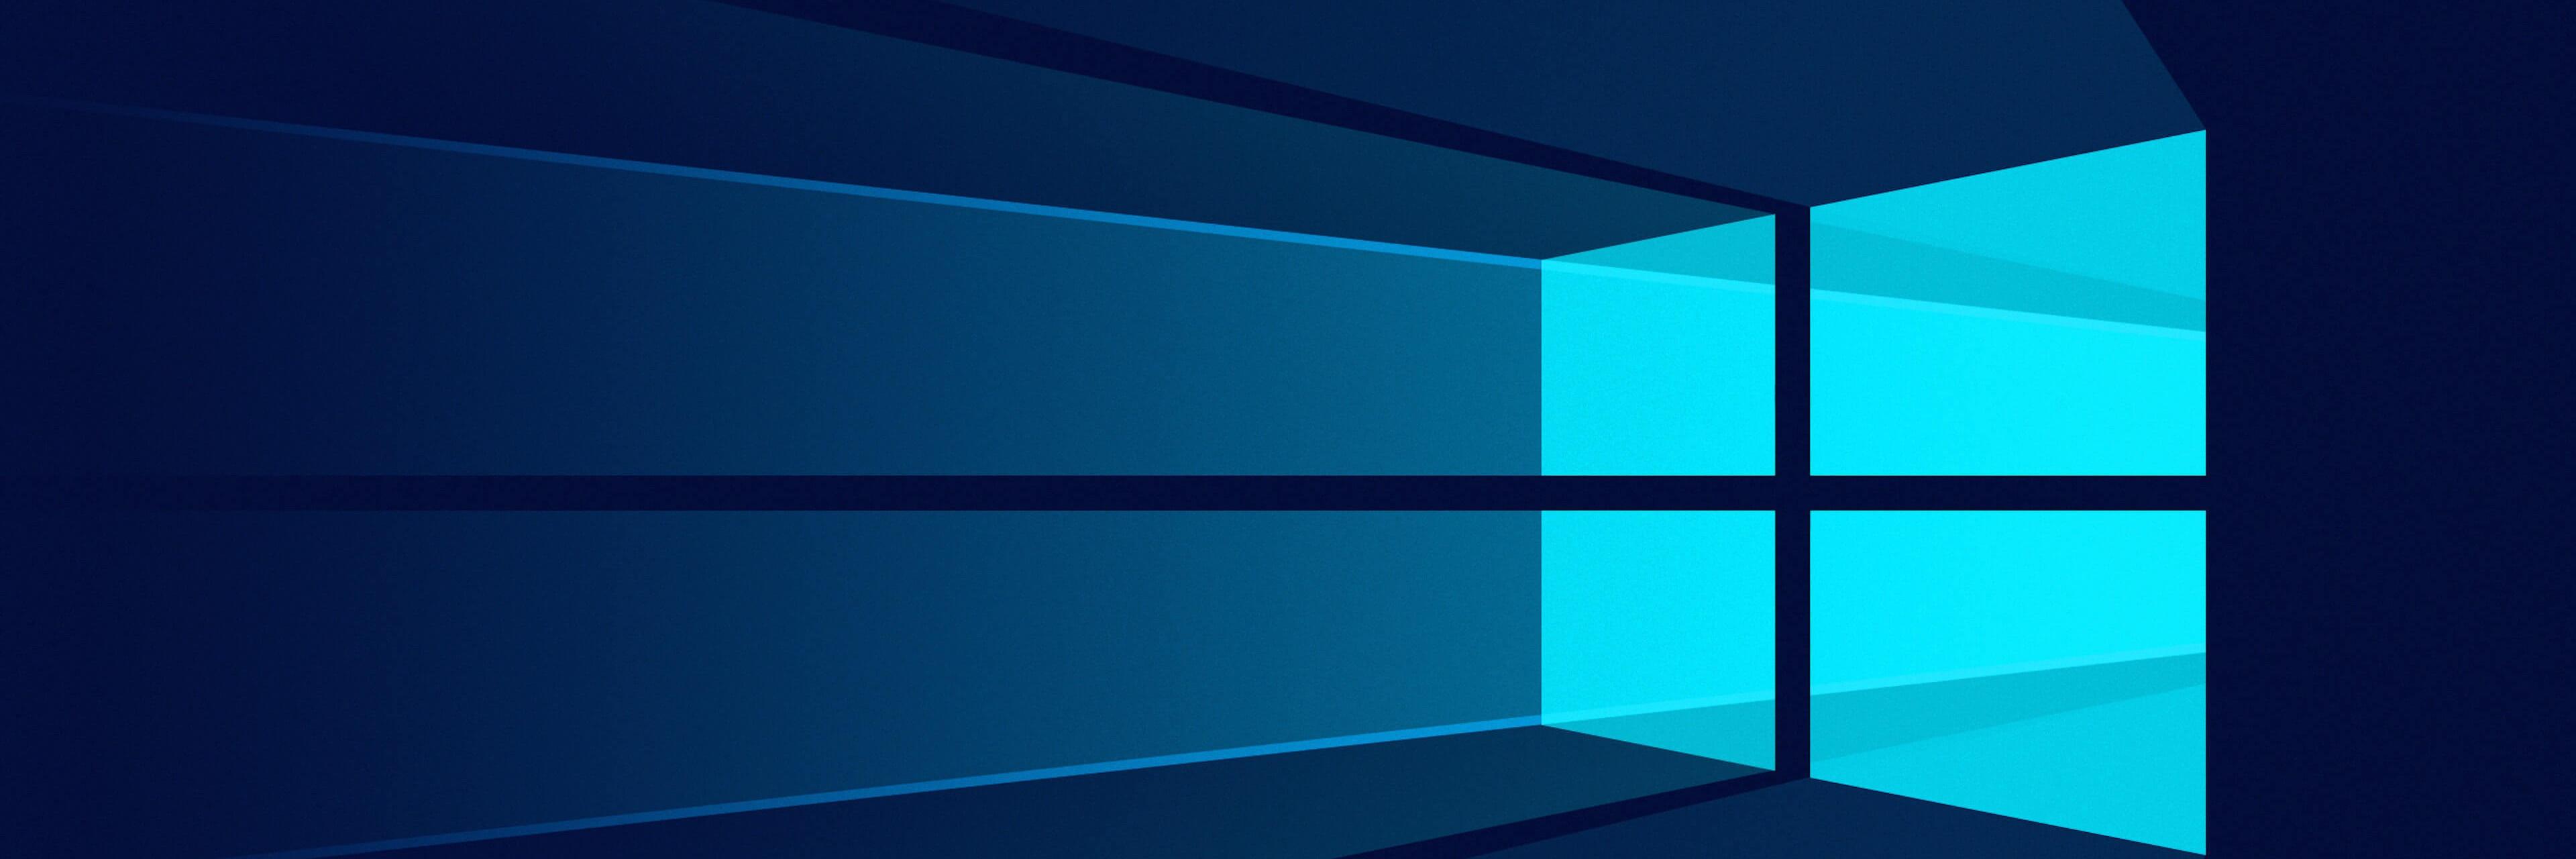 Clouds Windows 10 VM banner